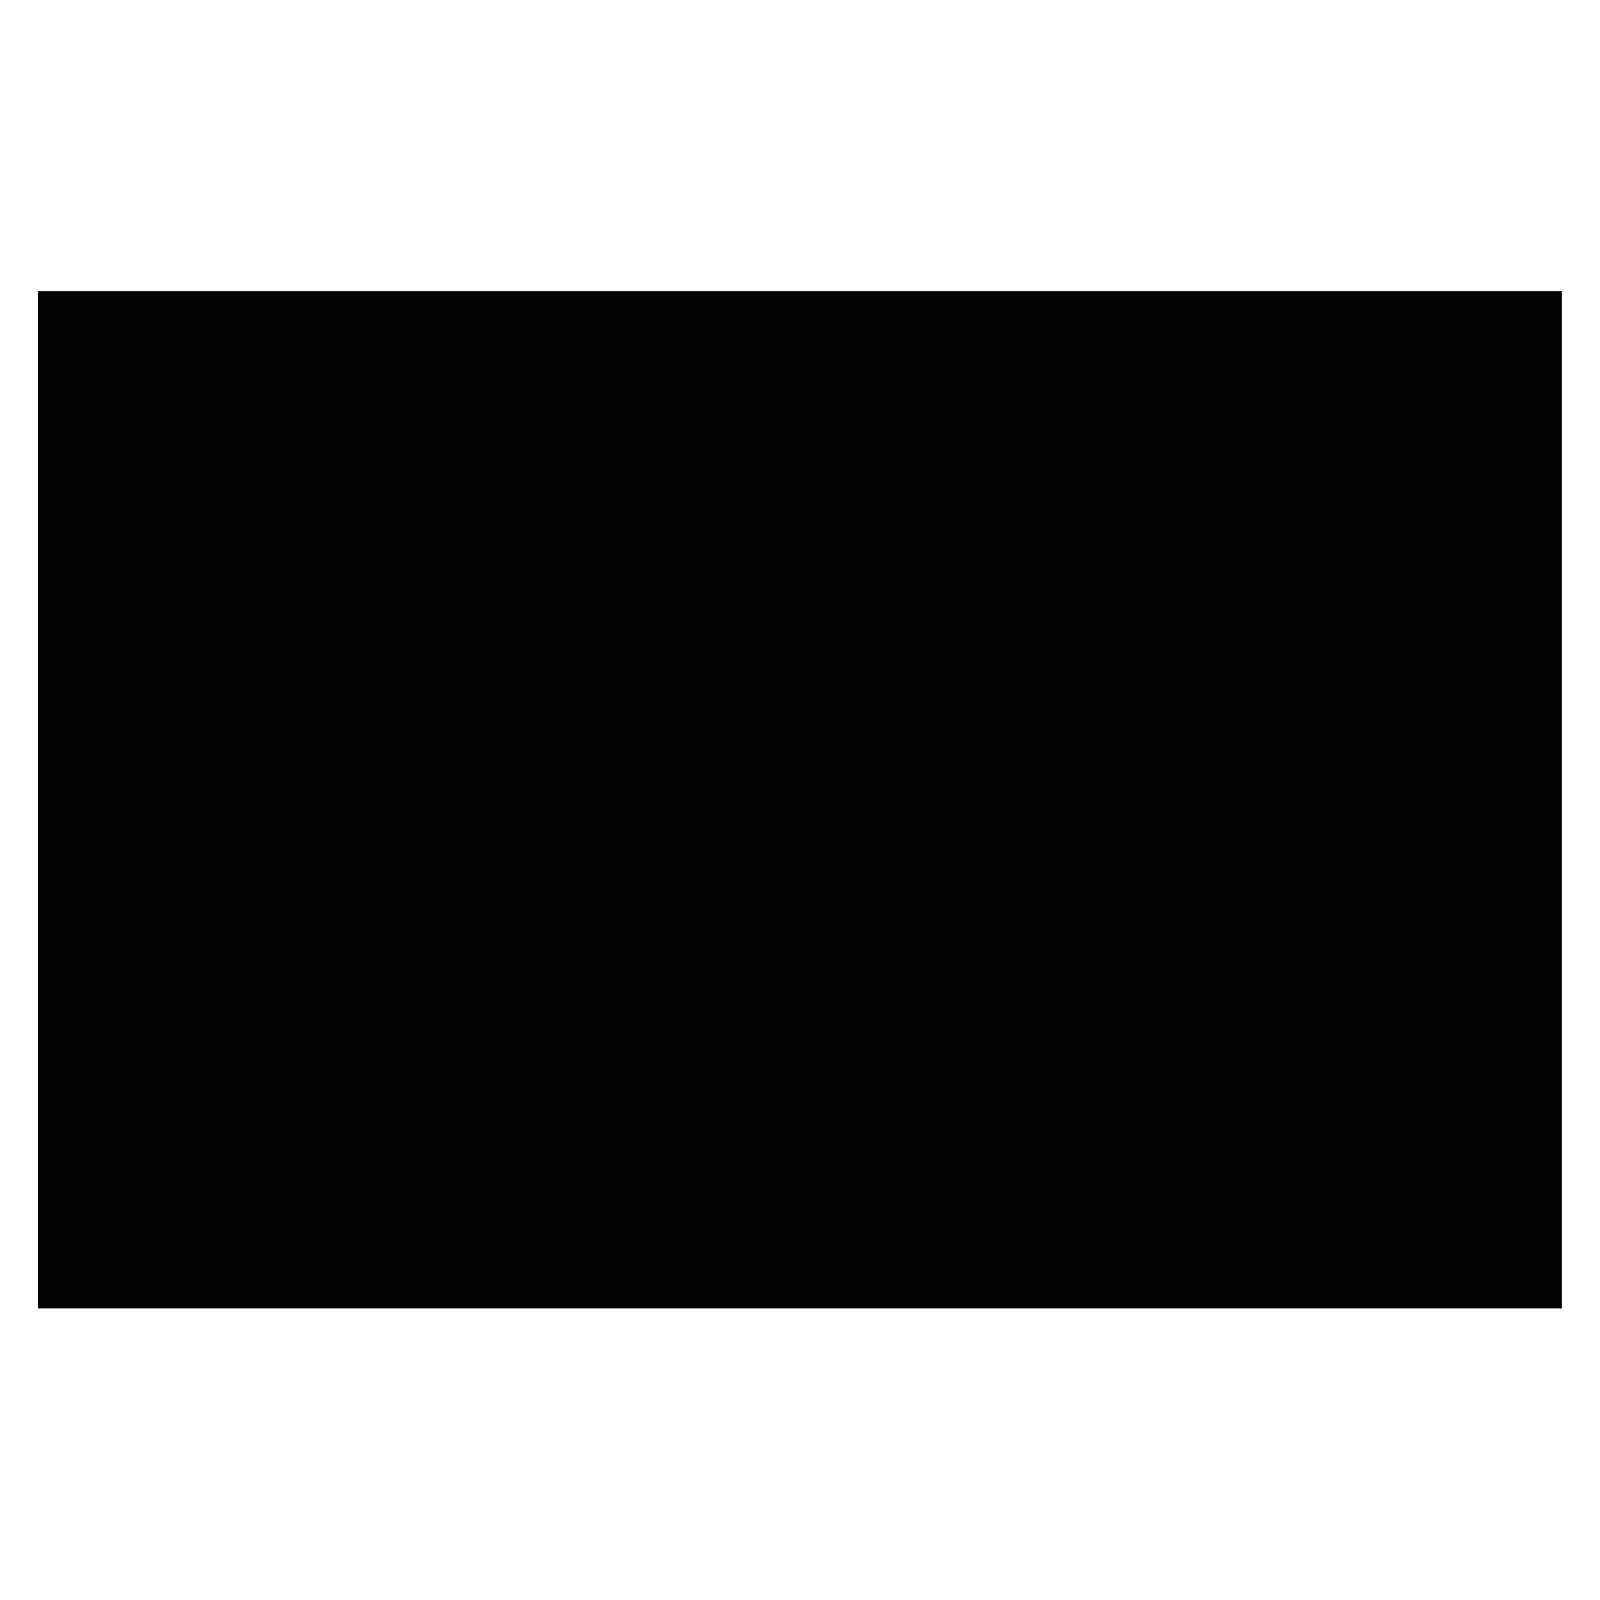 Moteur animations crèche MR tours/minute 30 4